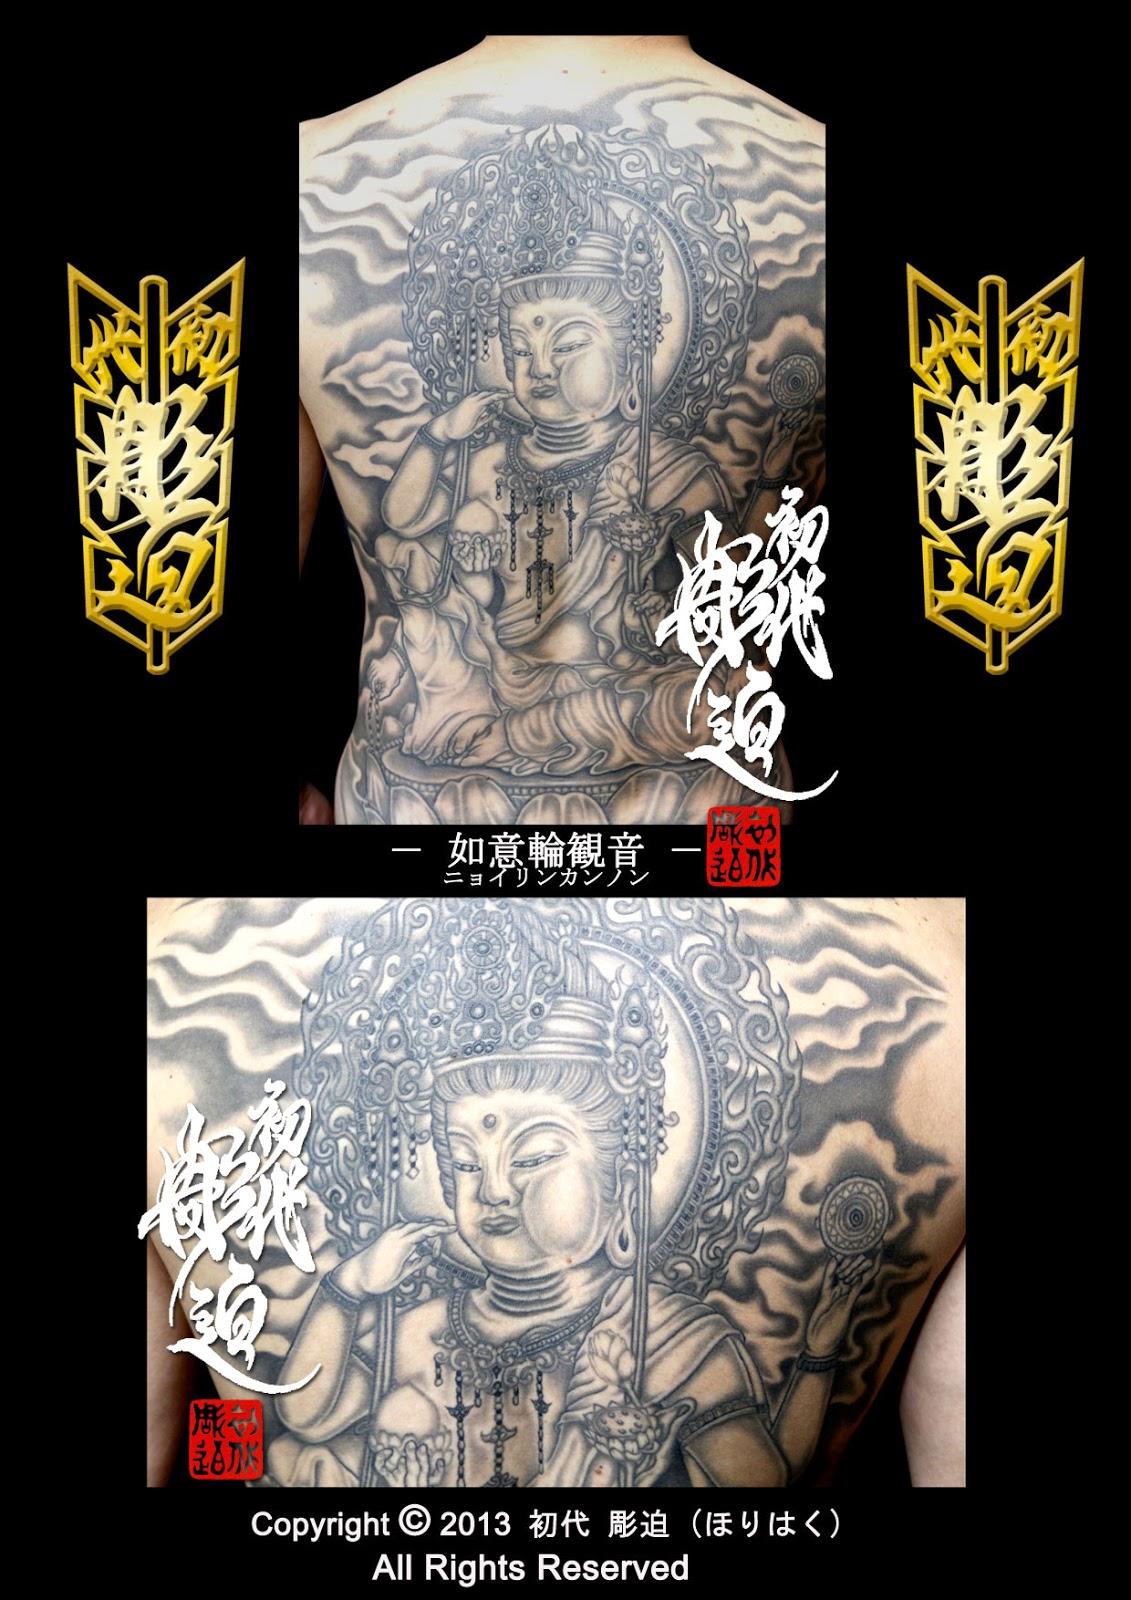 刺青 如意輪観音 tattoo 画像 タトゥーデザイン 刺青デザイン タトゥースタジオ画像 刺青 千葉県 タトゥー 千葉 刺青 千葉県 タトゥースタジオ 画像